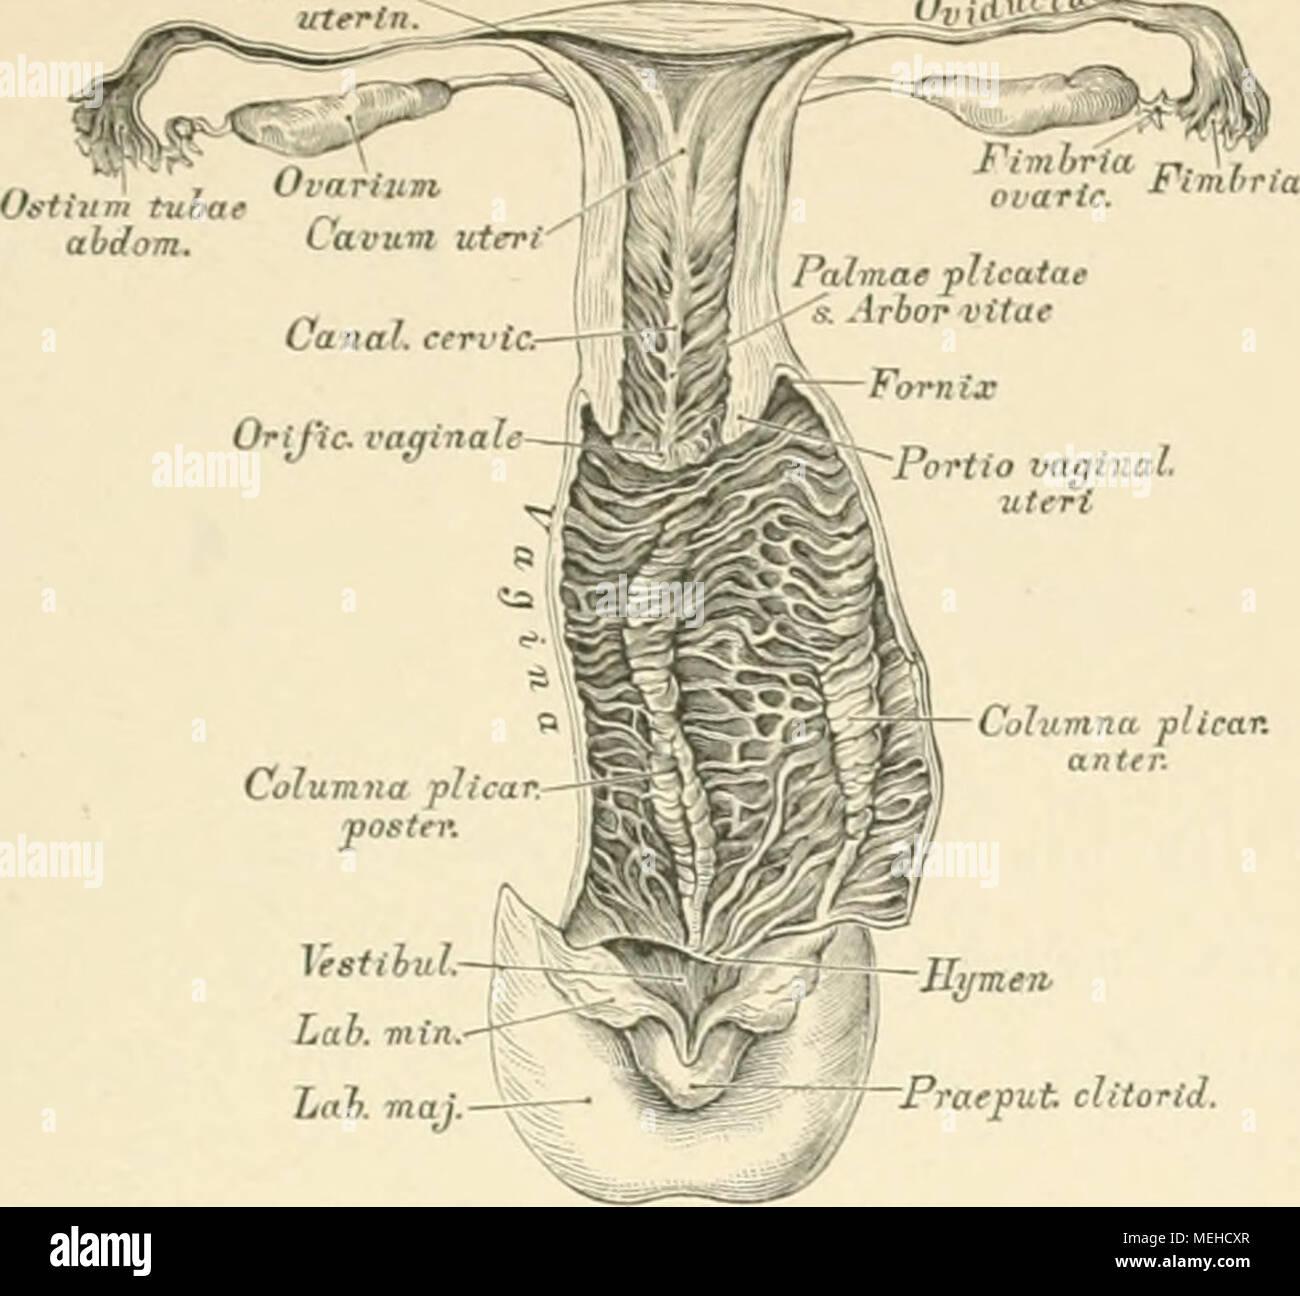 Schön Mittellinie Anatomie Zeitgenössisch - Menschliche Anatomie ...